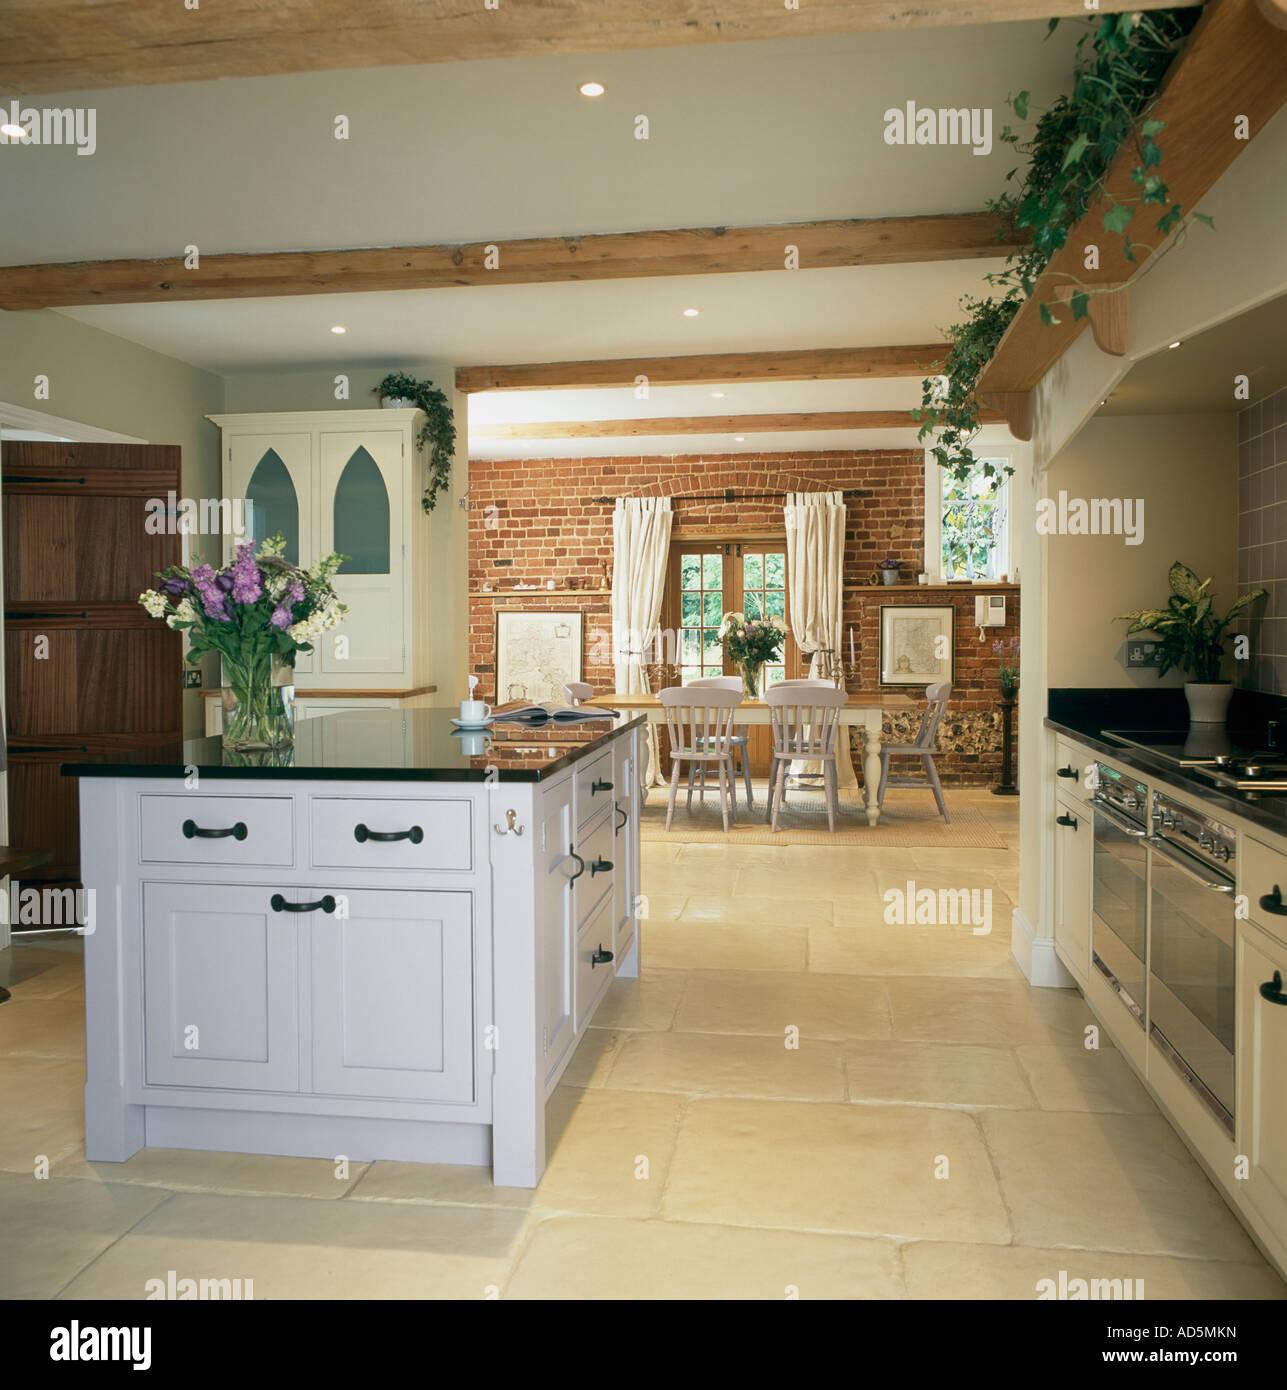 Weiße Insel Einheit in die offene Küche und Esszimmer mit Kalkstein ...